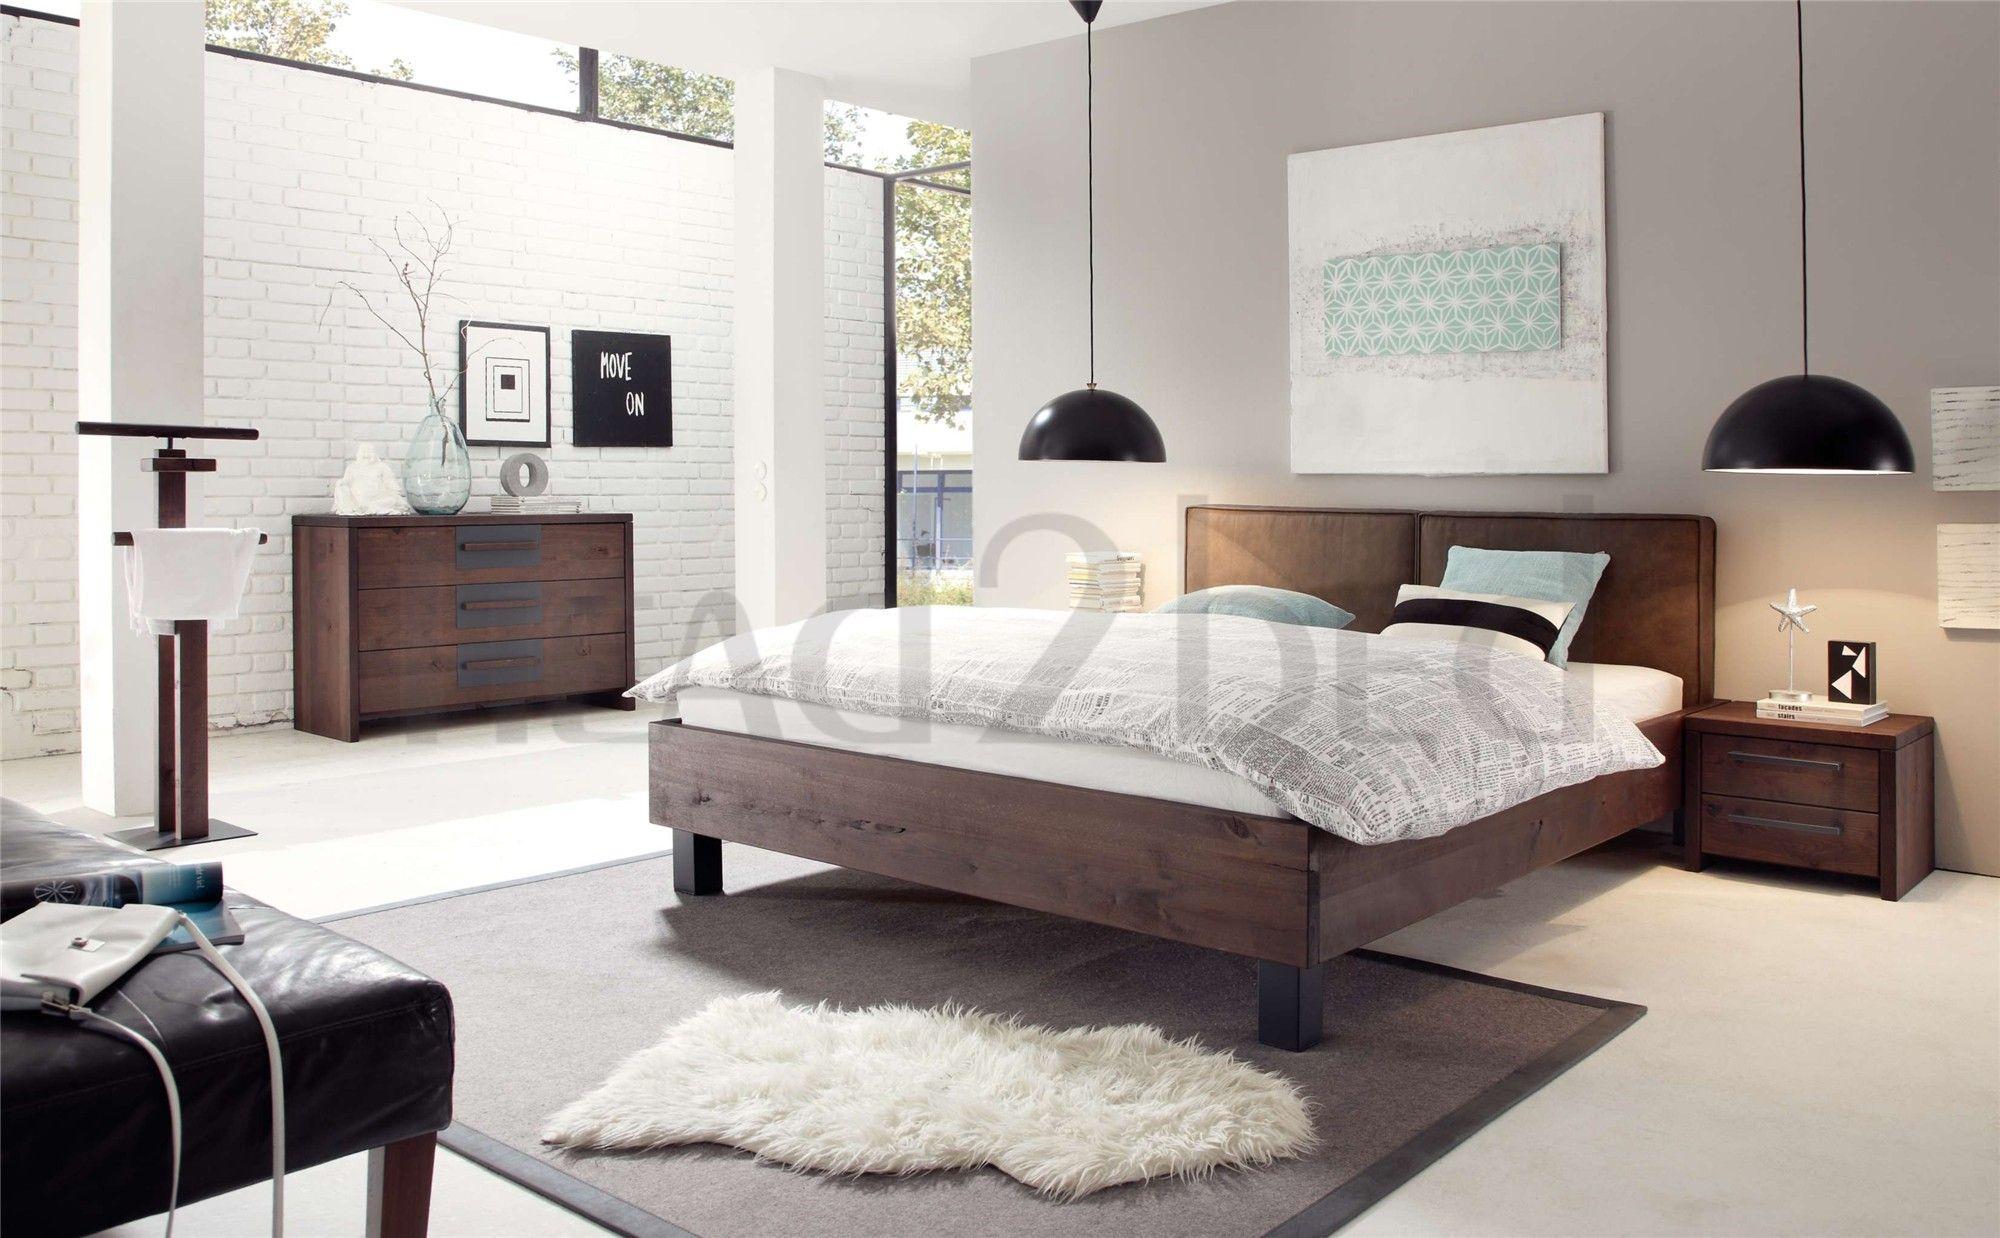 Pin op Industrial/Loft Beds